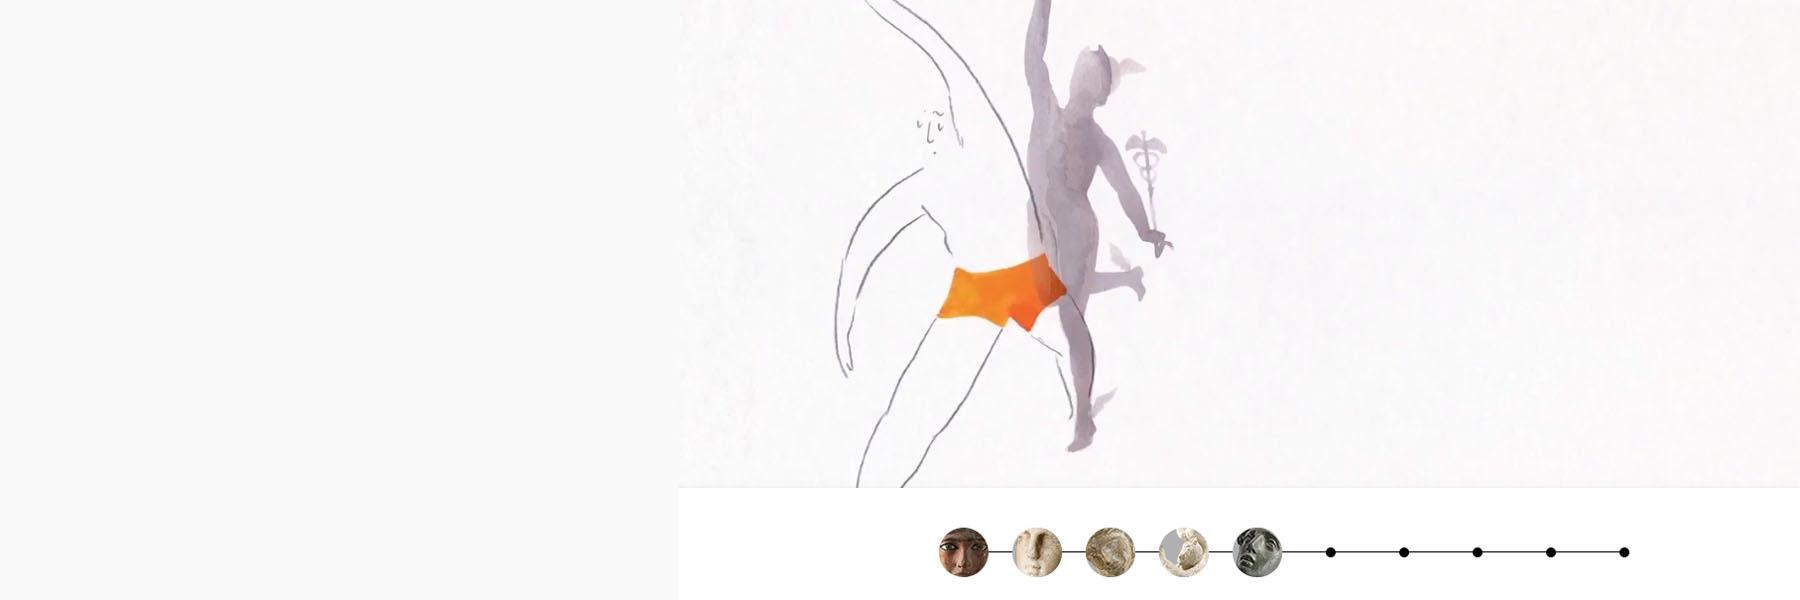 Dessin extrait du film d'animation